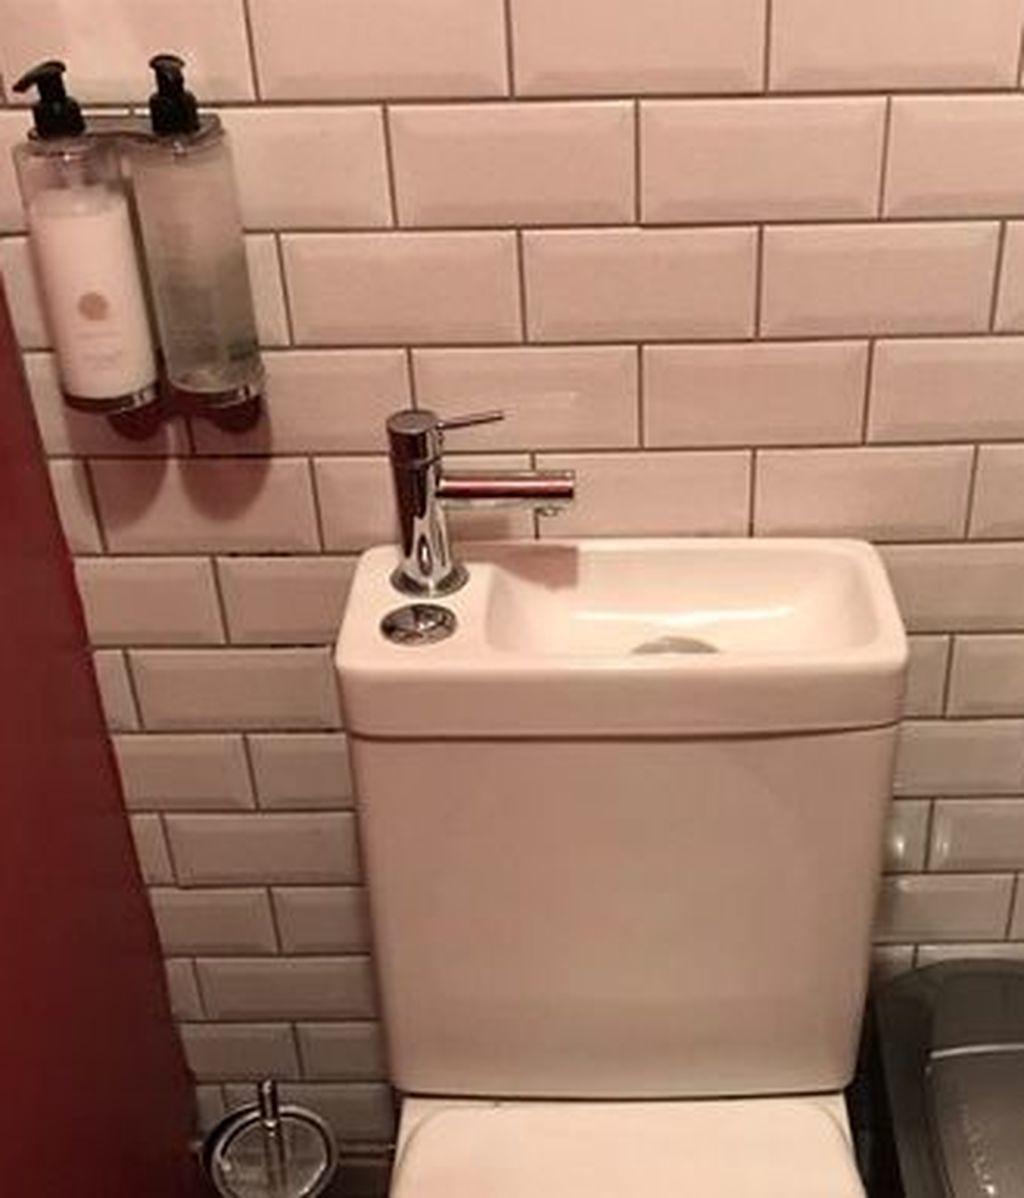 Un pub ahorra espacio en sus baños de una forma muy ingeniosa